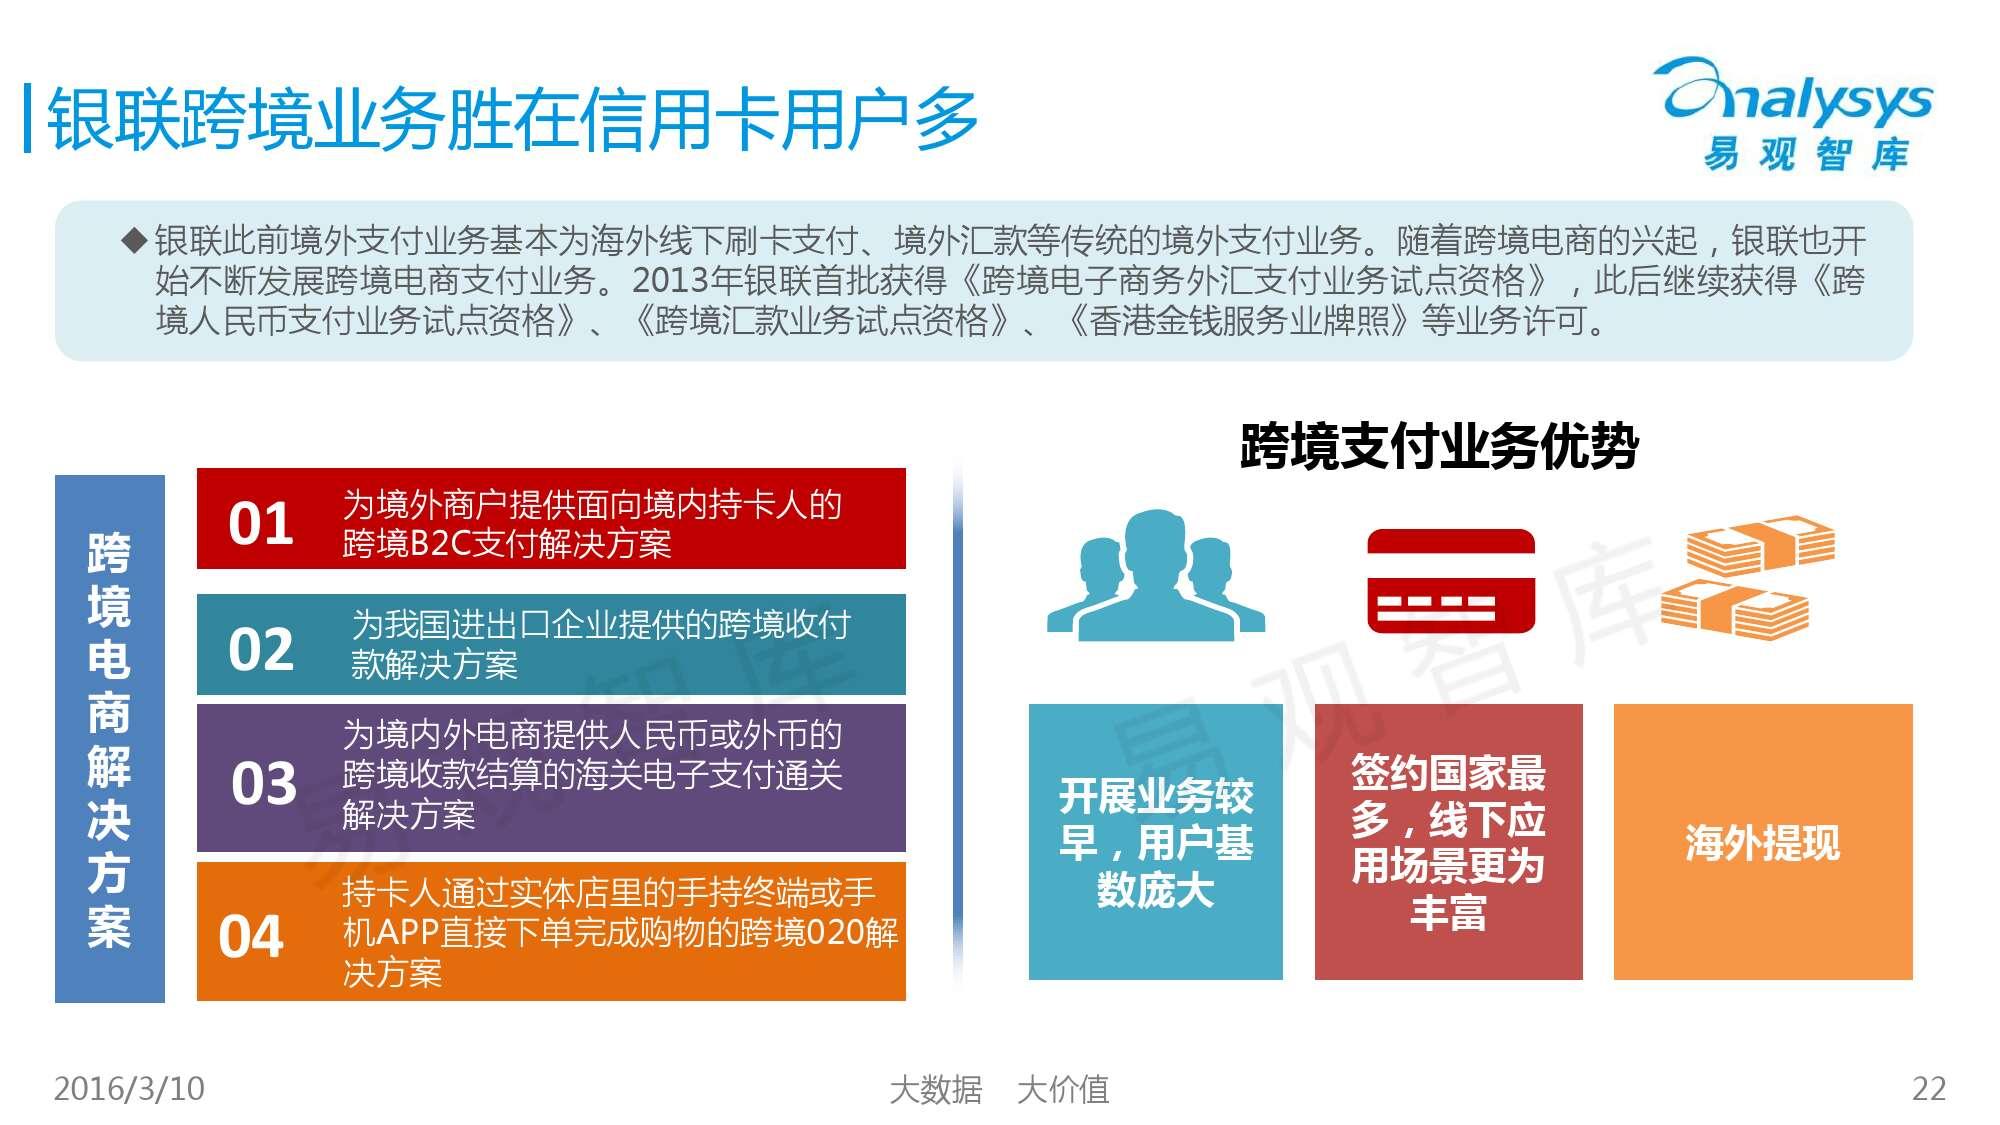 中国跨境支付市场专题研究报告2016_000022